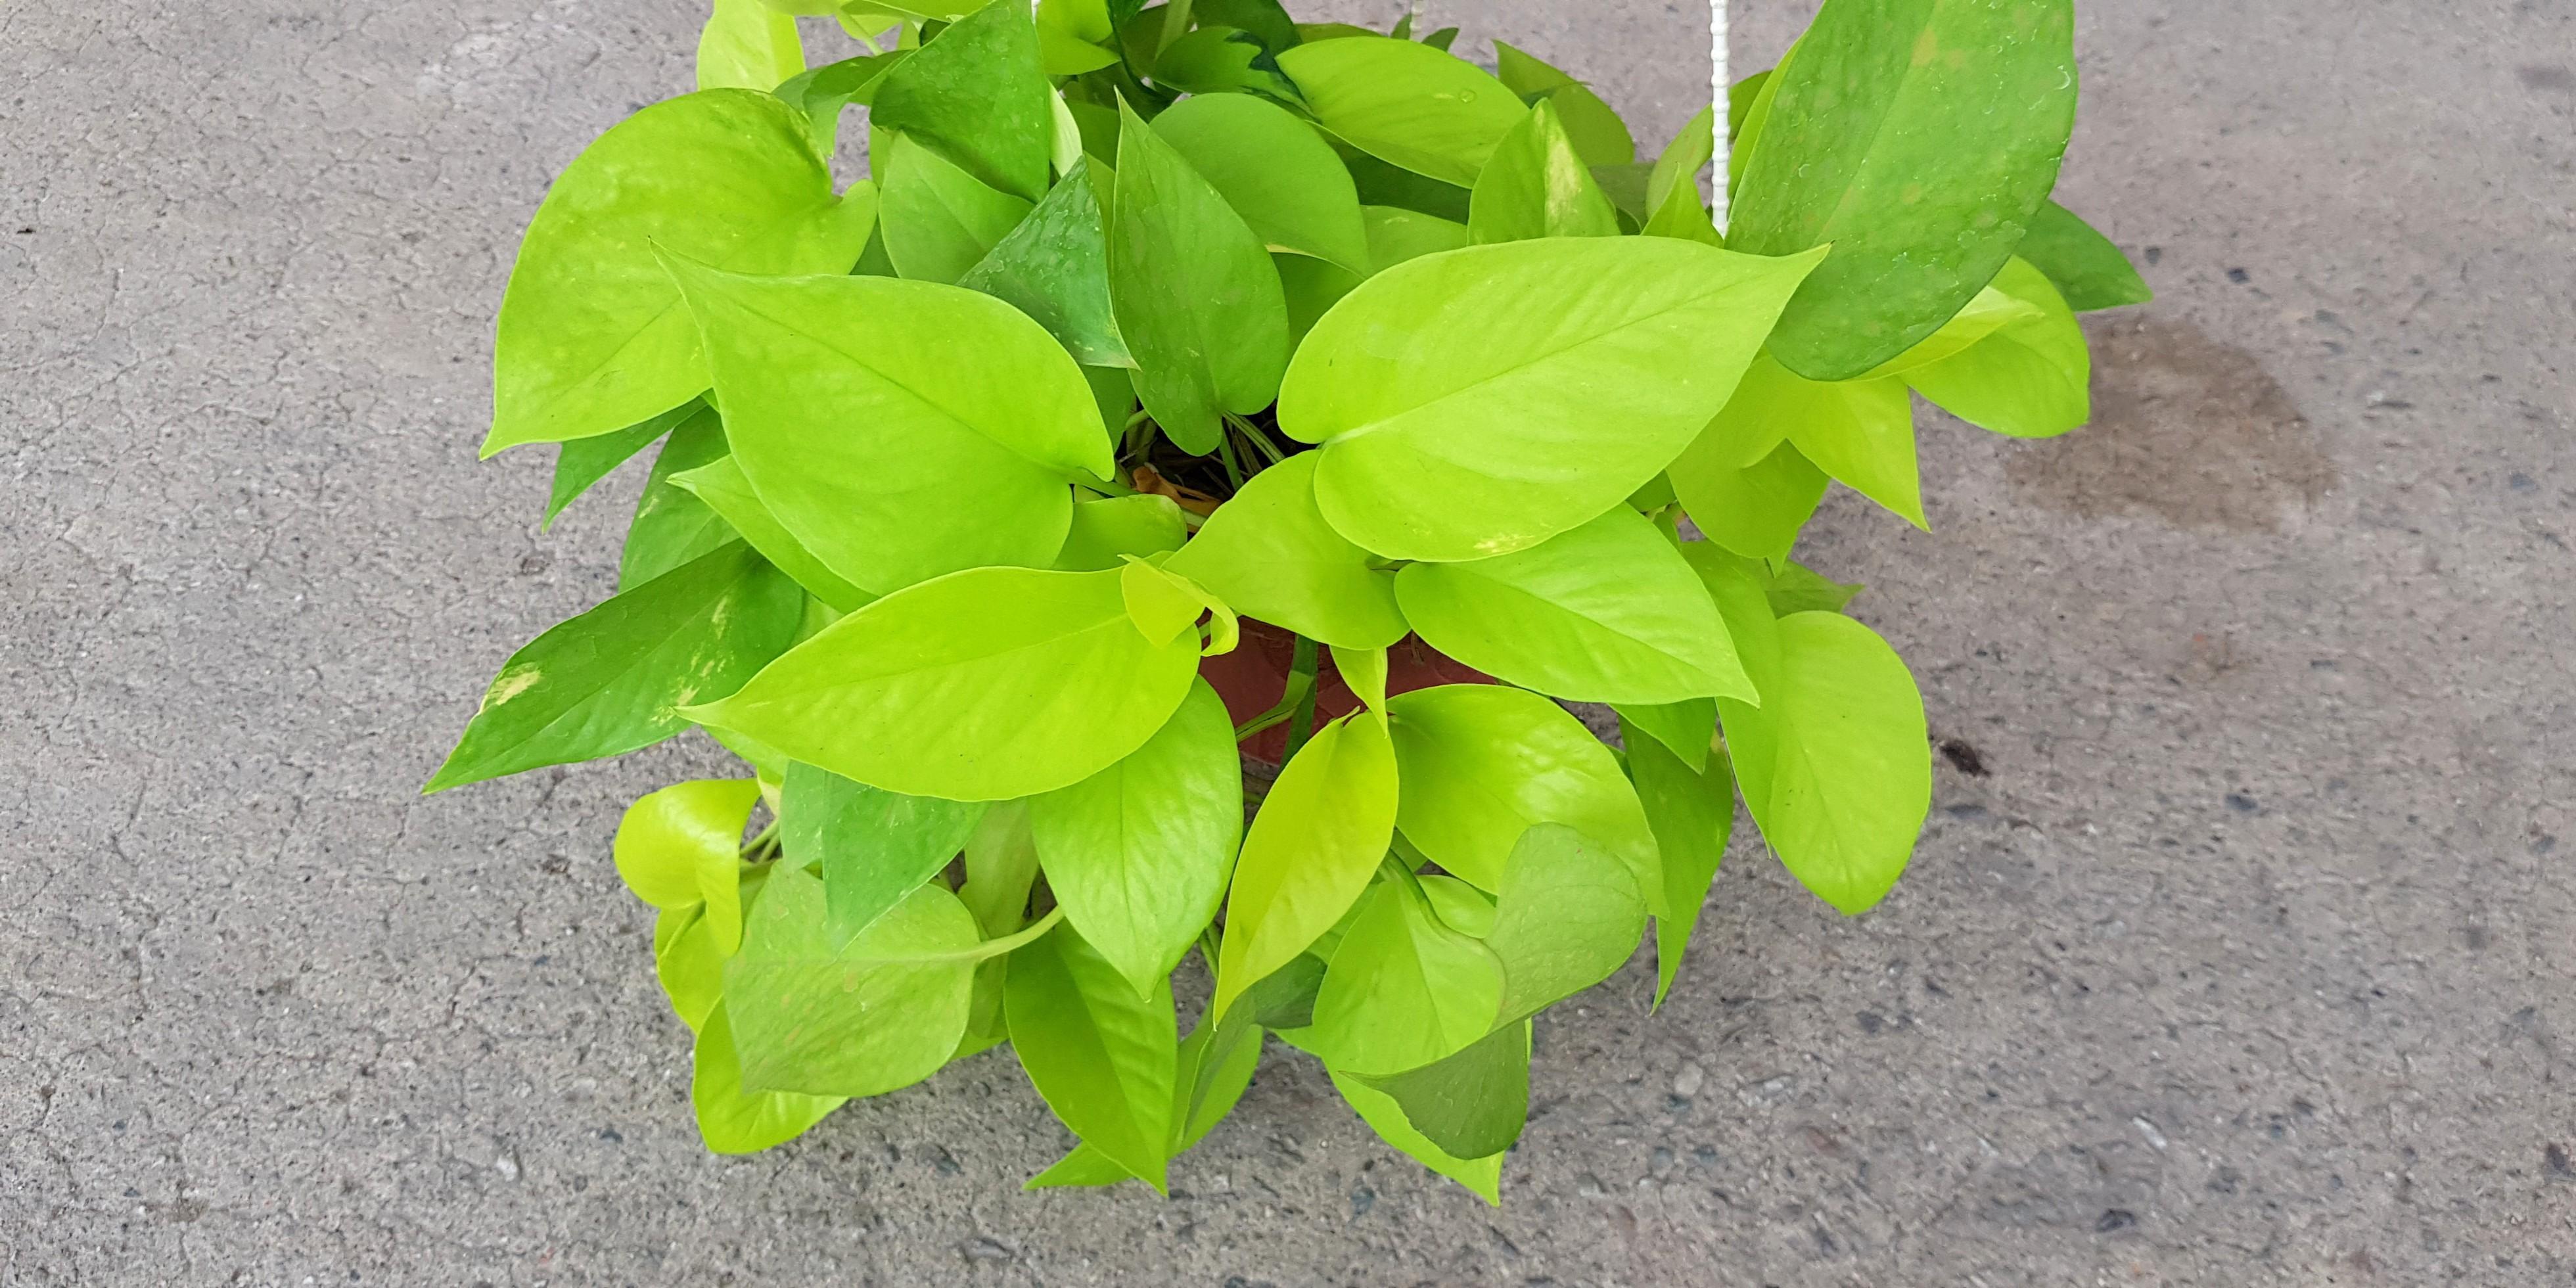 Plant Golden Pothos Golden Money Plant 8 90 10 90 16 90 Gardening Plants On Carousell